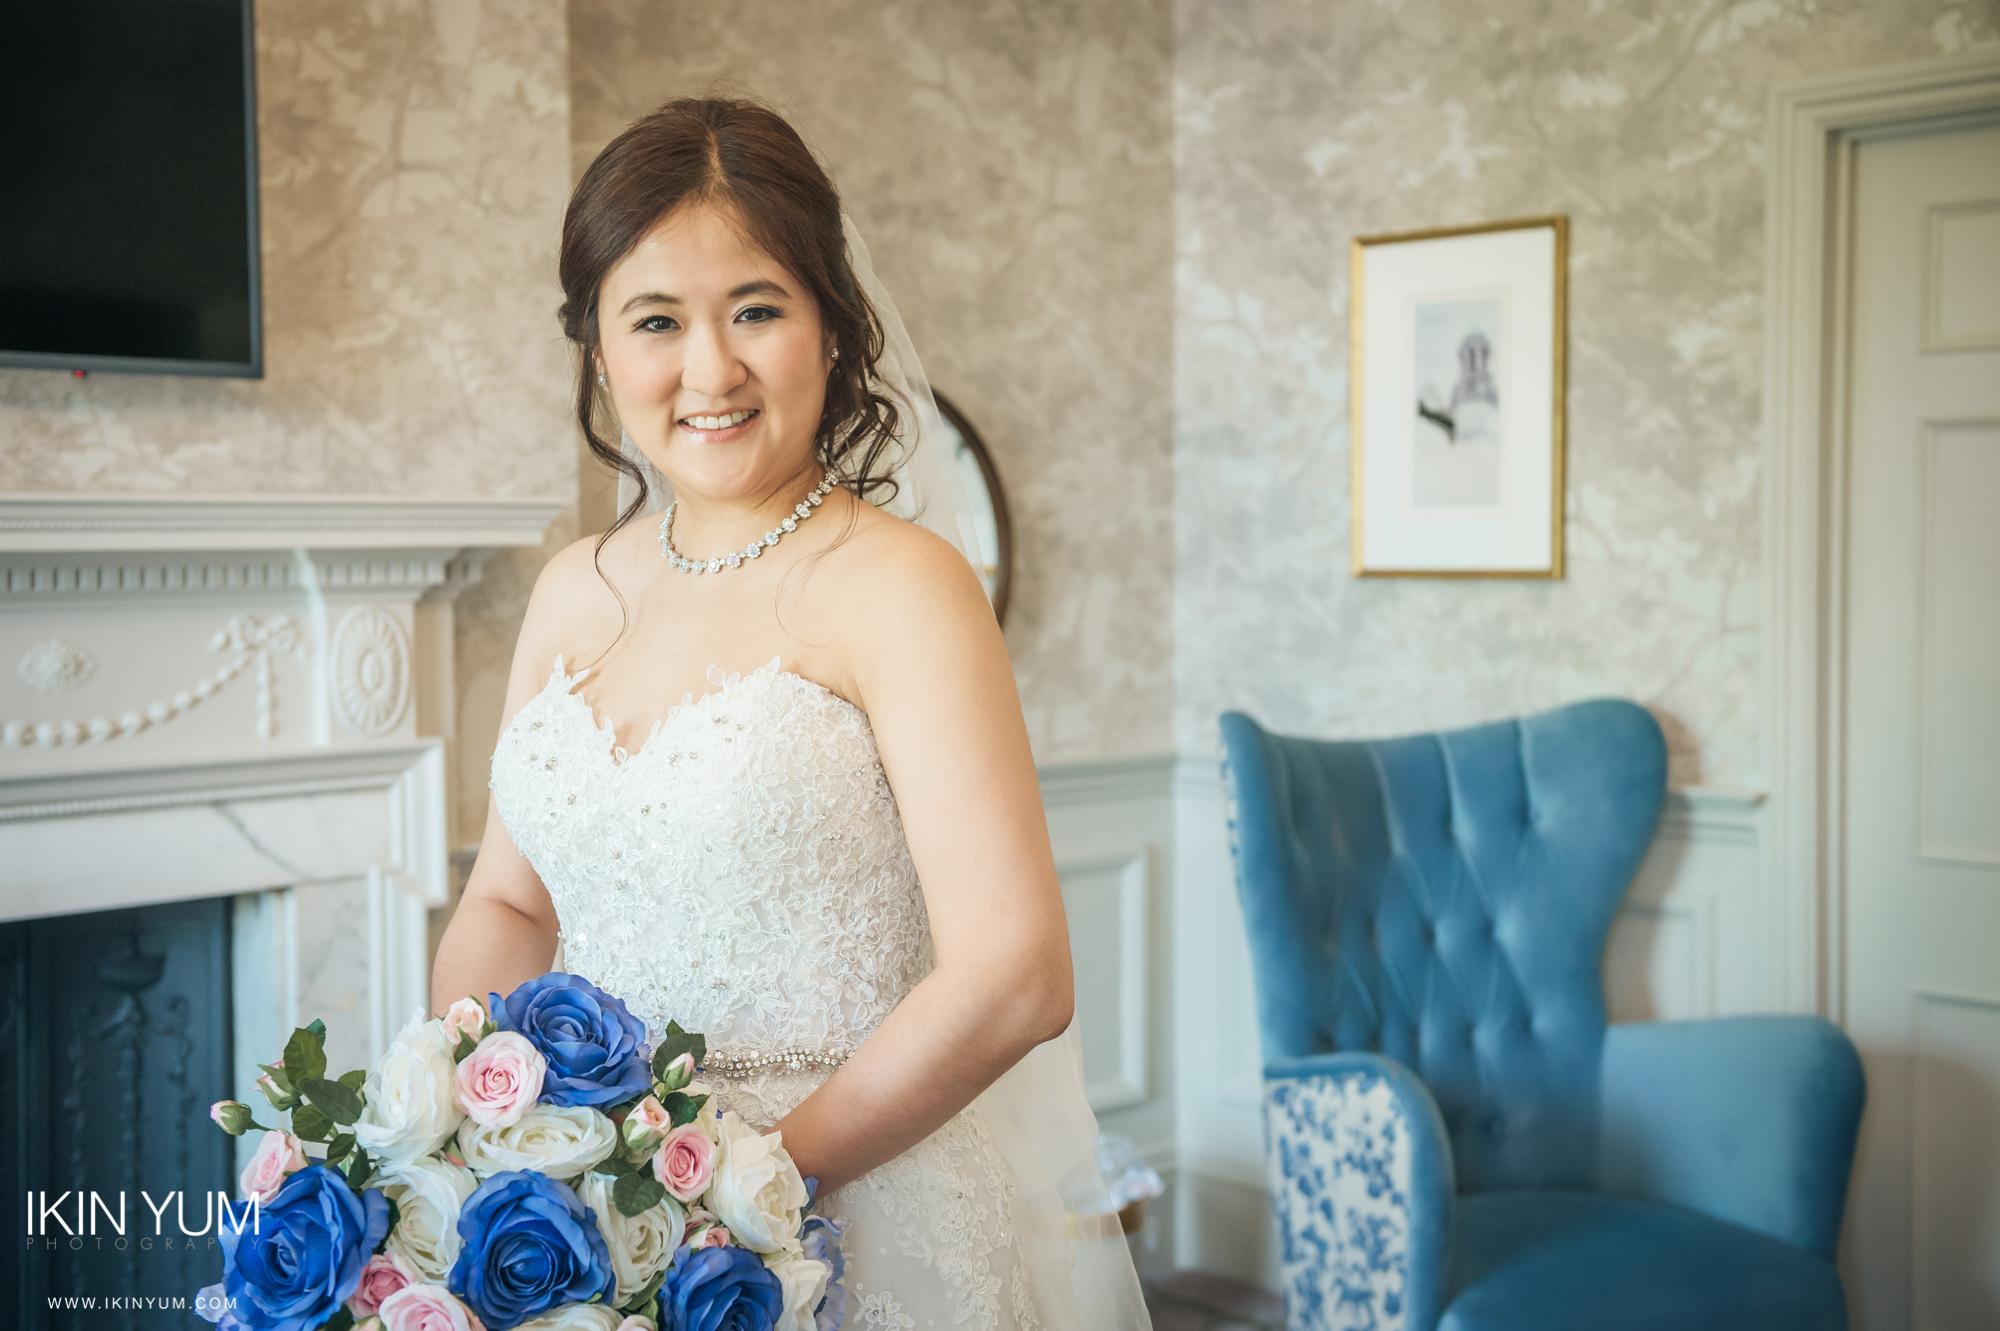 Teresa & Johnathan Weddong Day - Bridal Preparation-0173.jpg